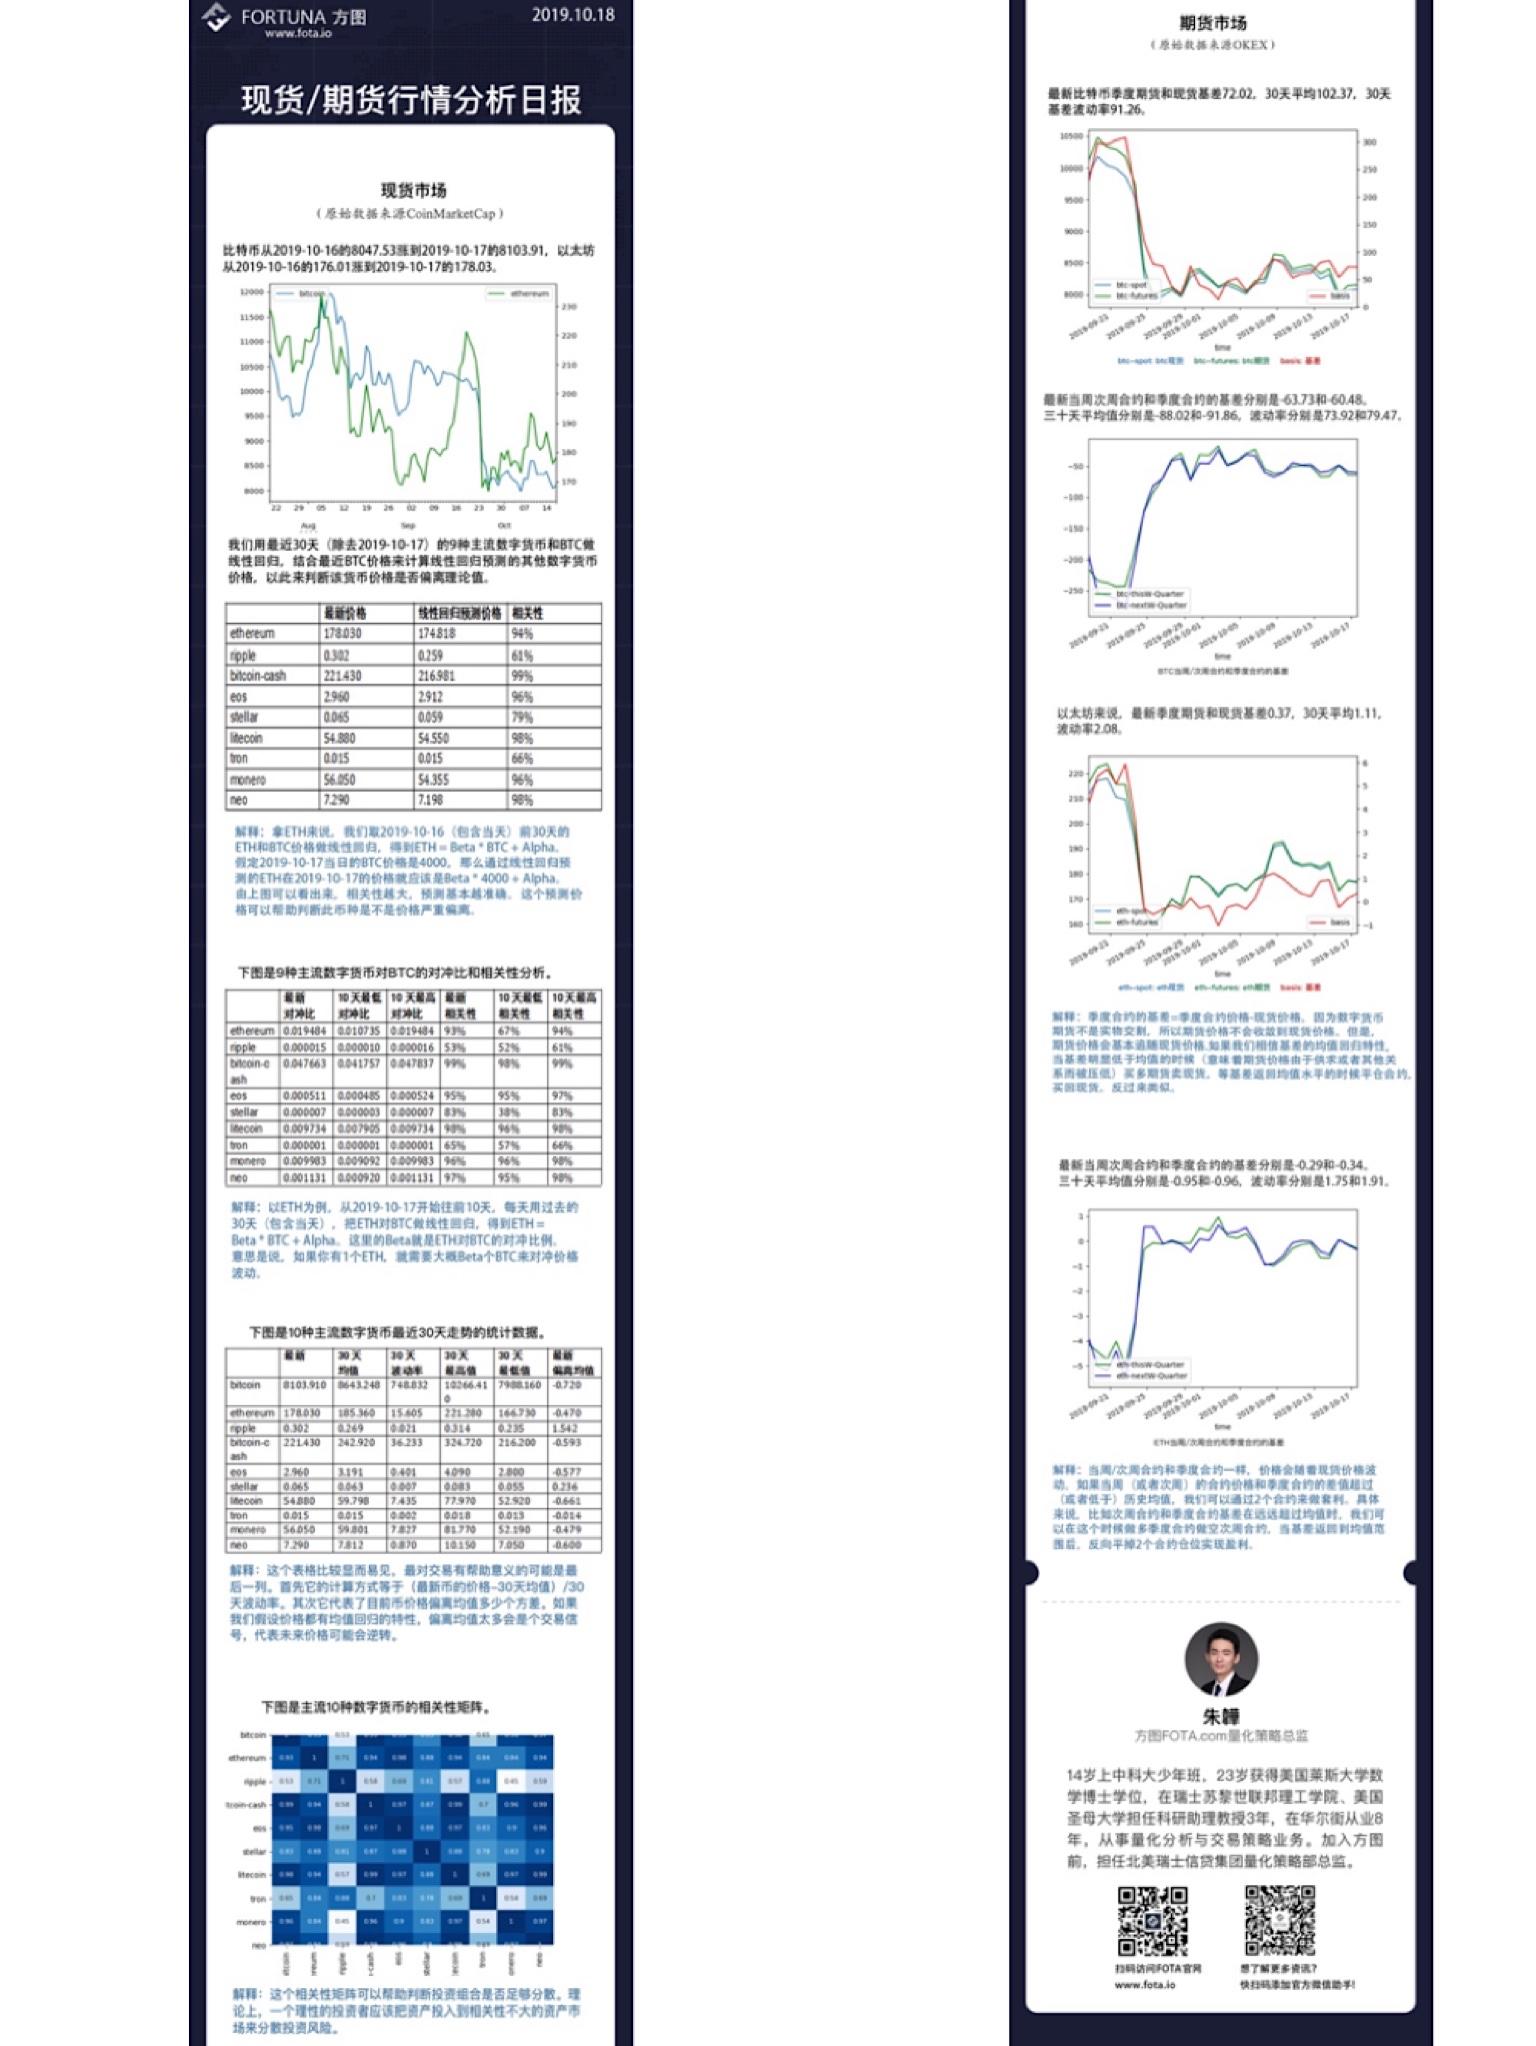 行情分析-FOTA  方图 10月18日 现货、期货行情分析日报